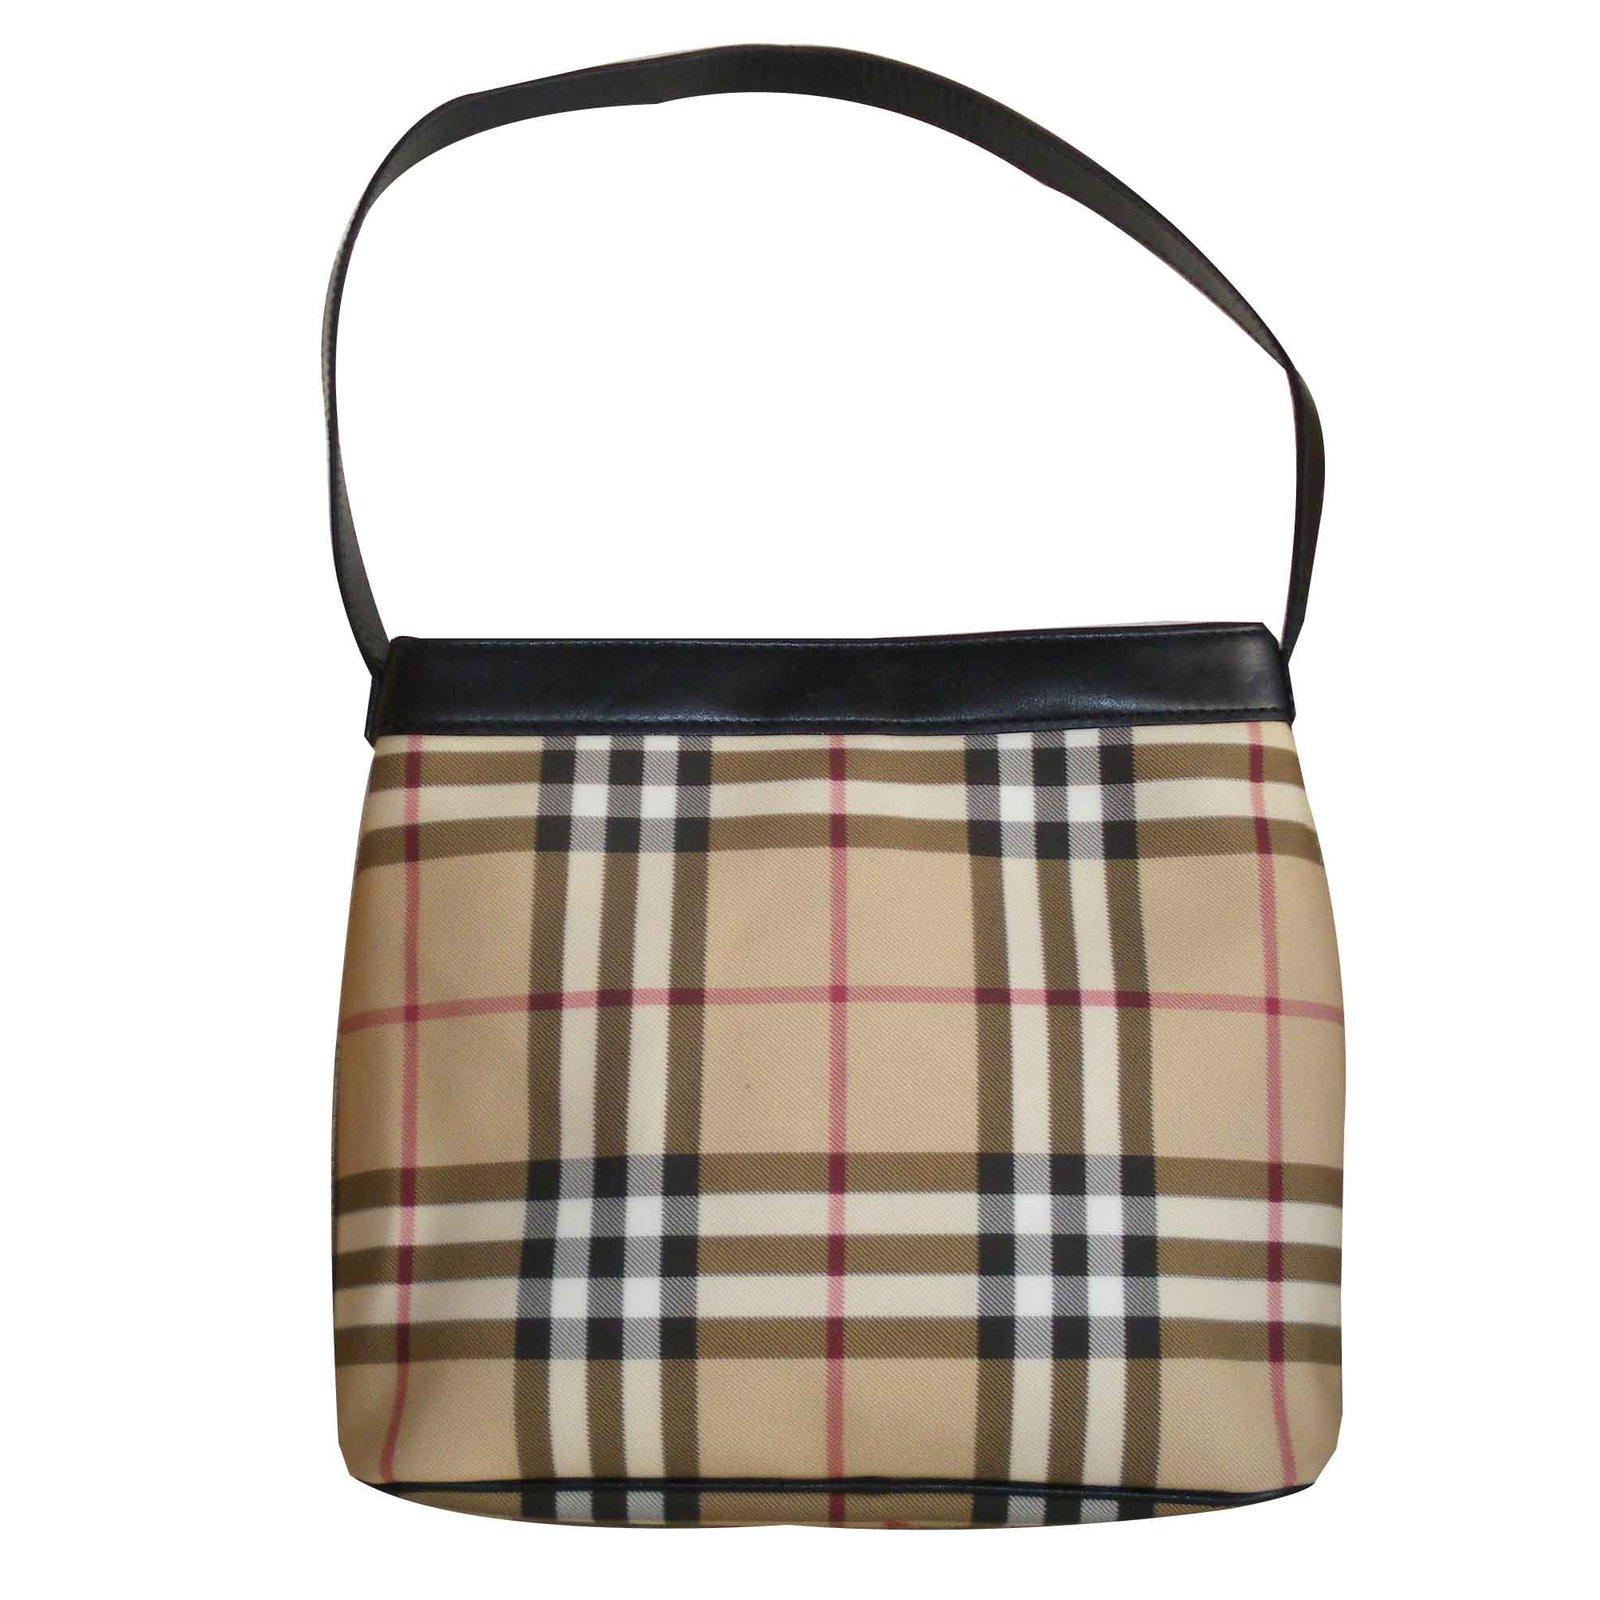 Burberry Handbags Cloth